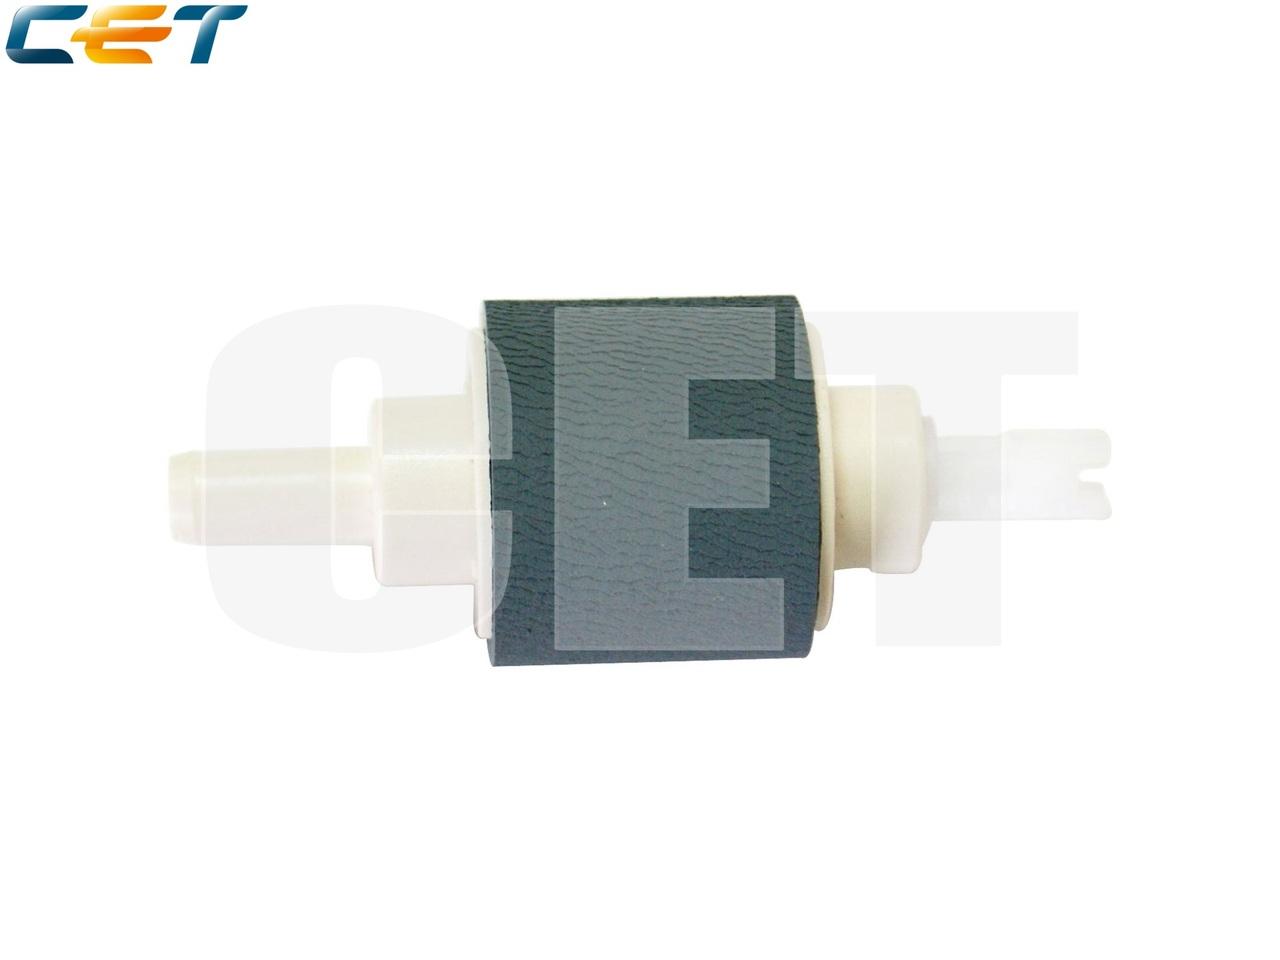 Ролик подхвата 2-го лотка RM1-6414-000, RM1-9168-000 дляHP LaserJet P2035/P2055, M401/M425 (CET), CET3690